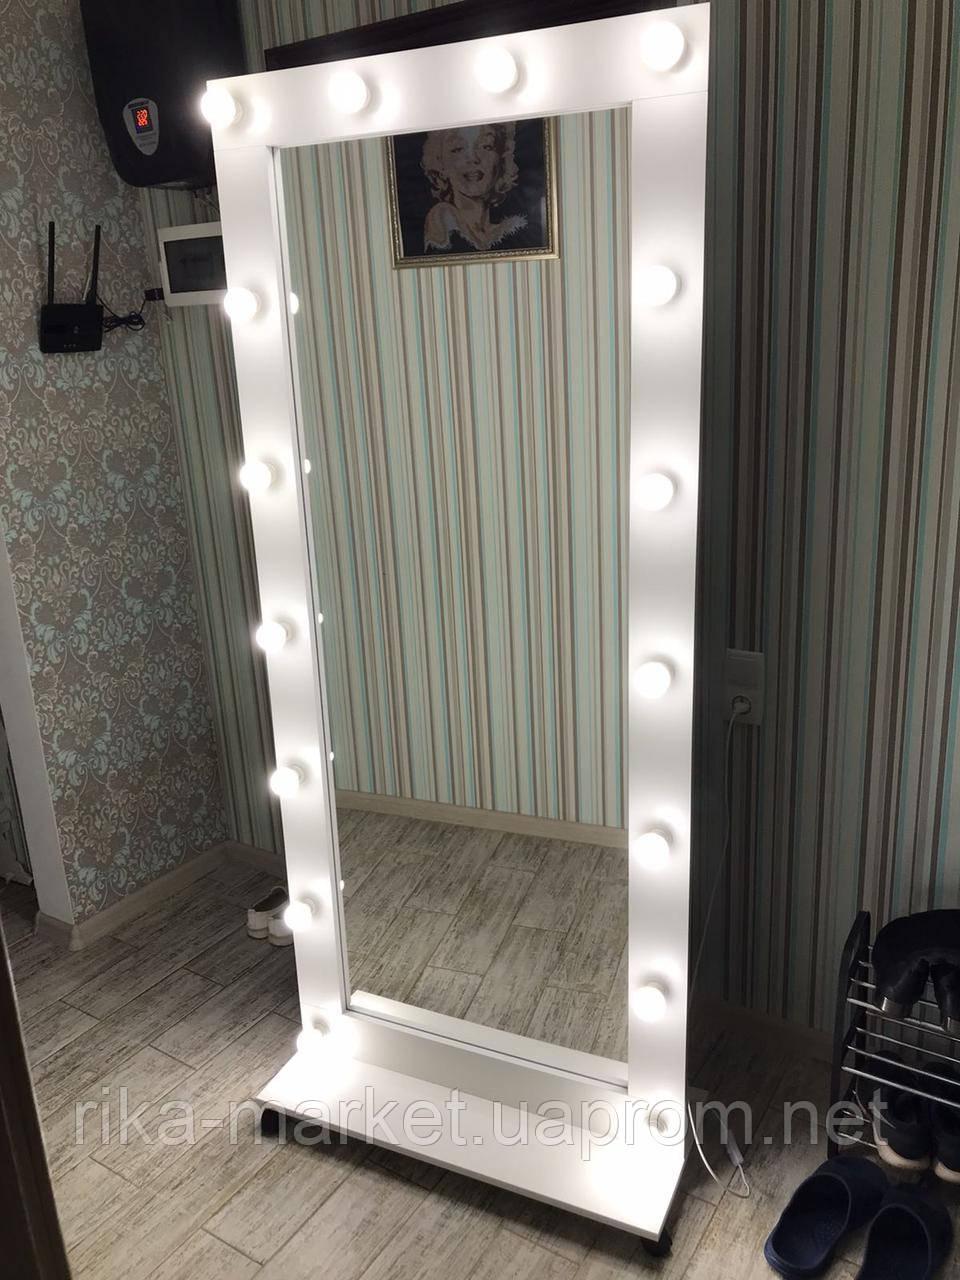 Зеркало с подсветкой для примерочной 1800*800 мм